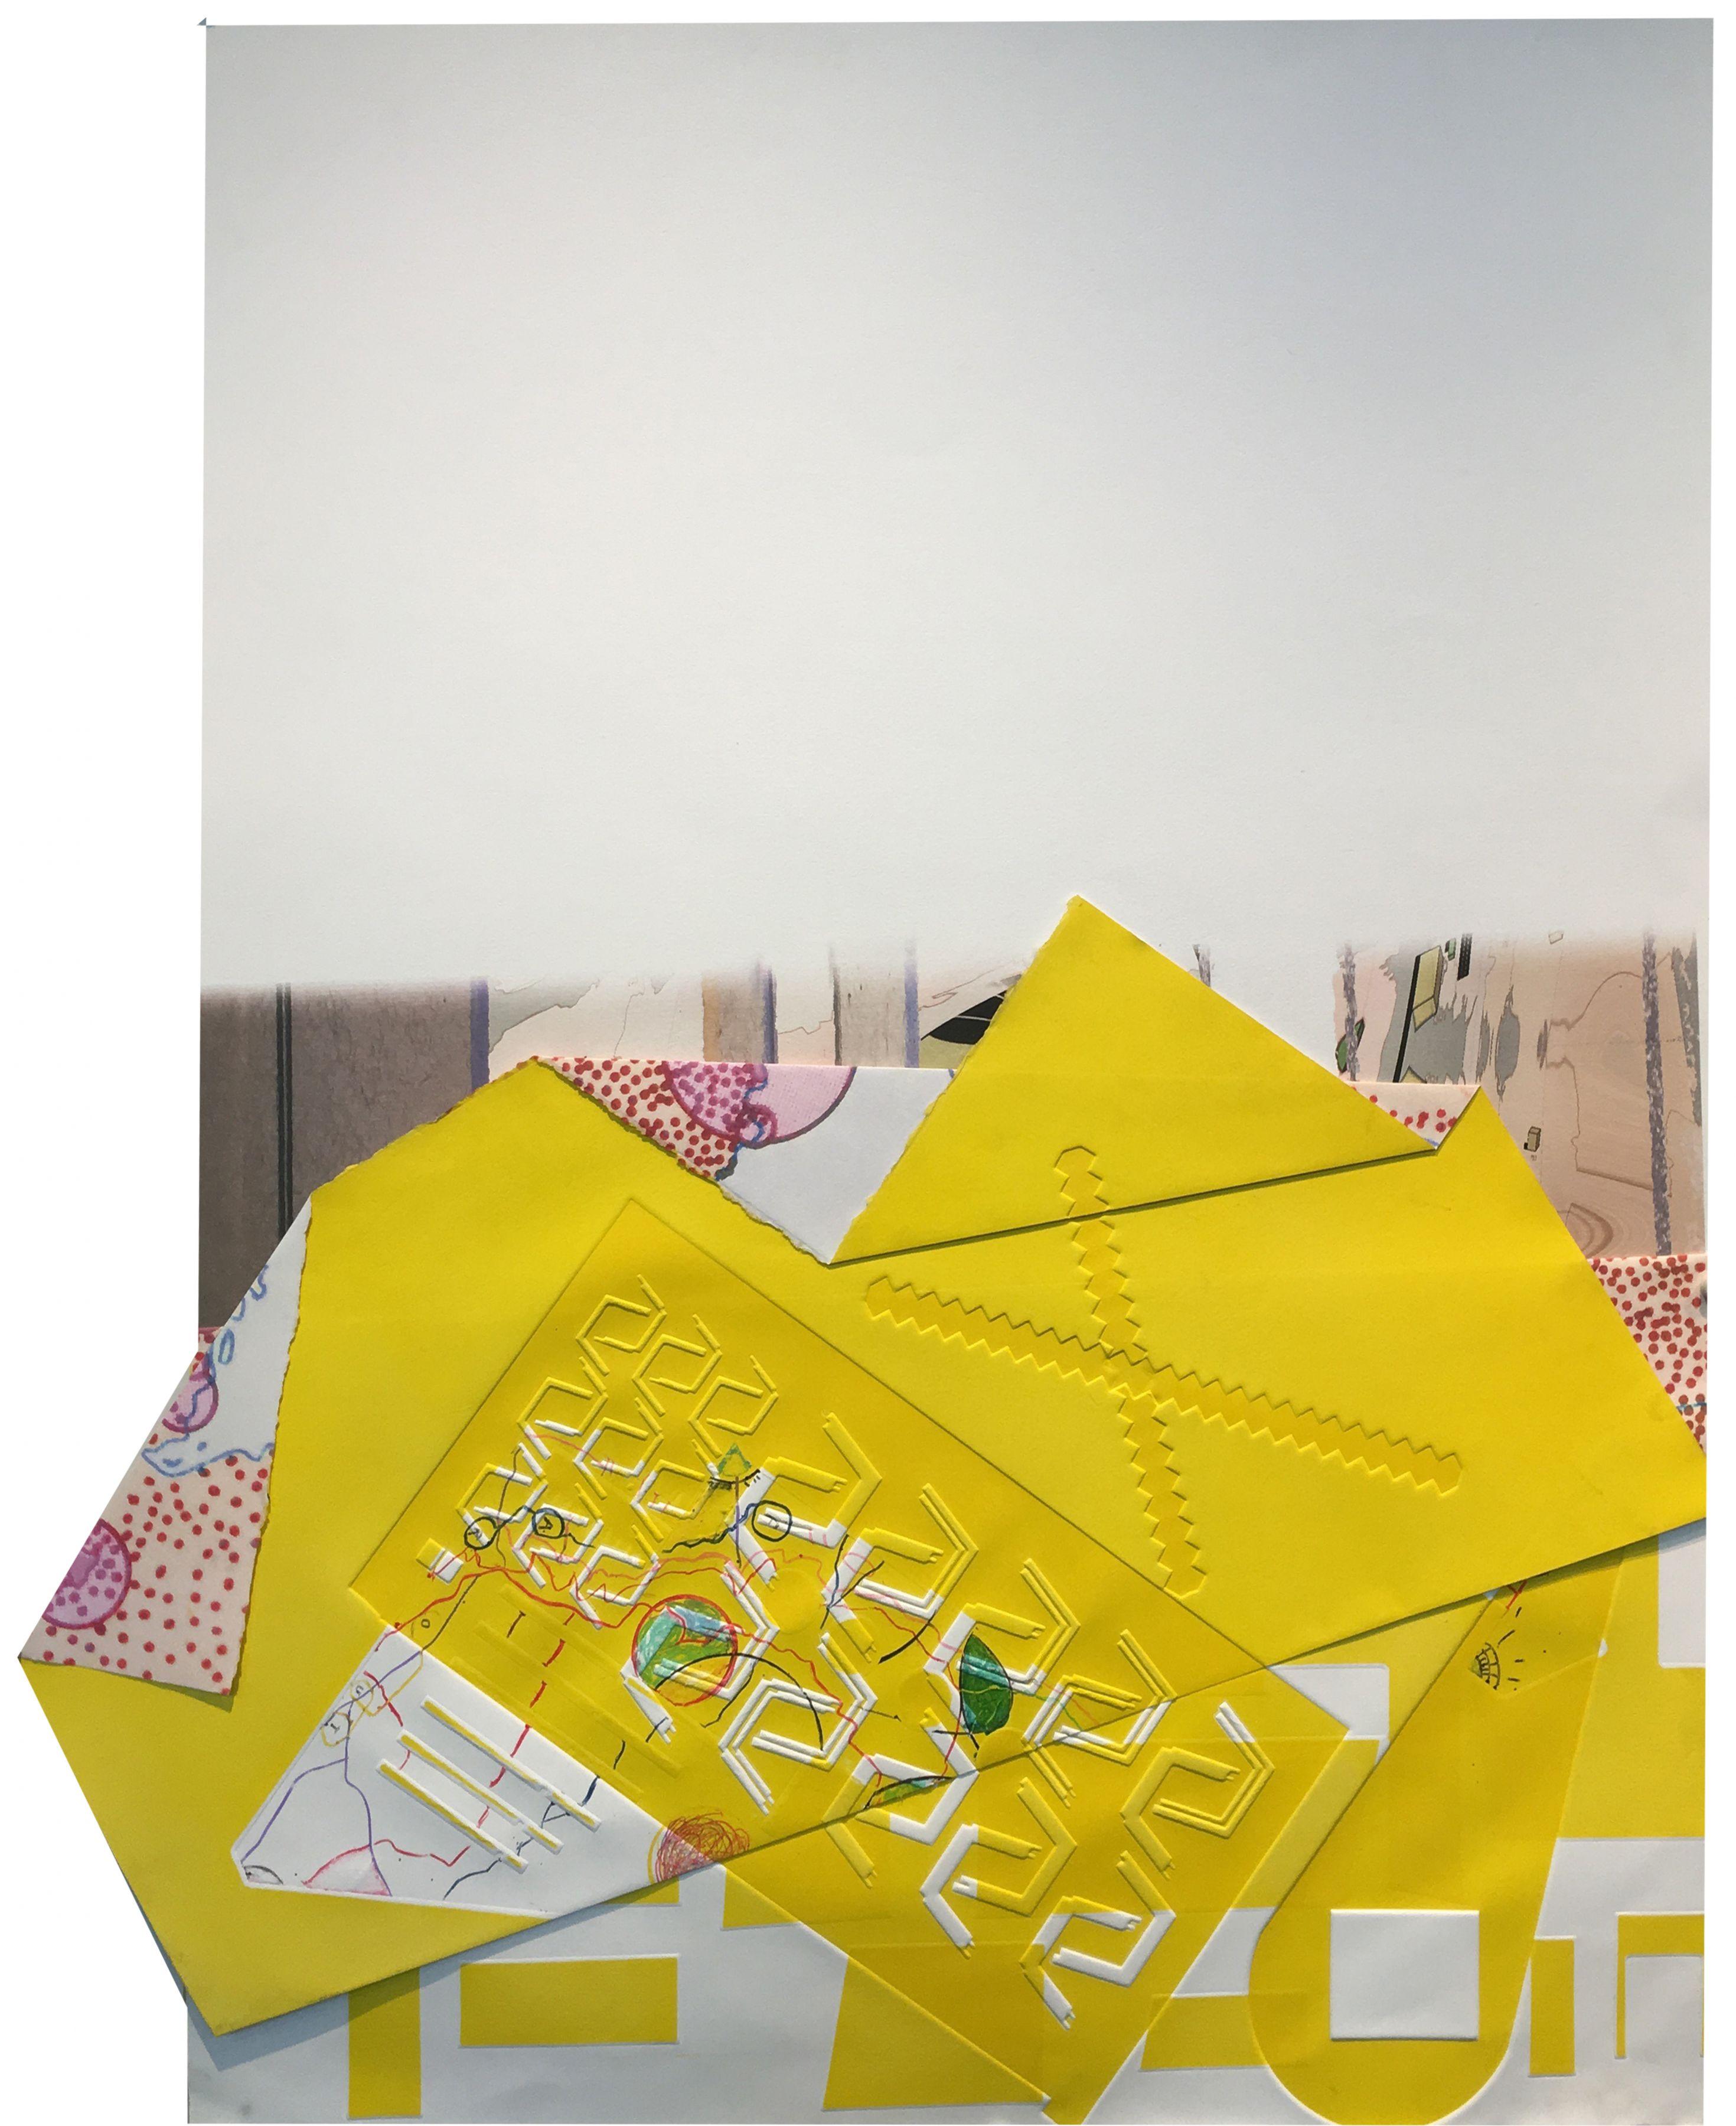 CARMON COLANGELO Yellow Slip, 2016